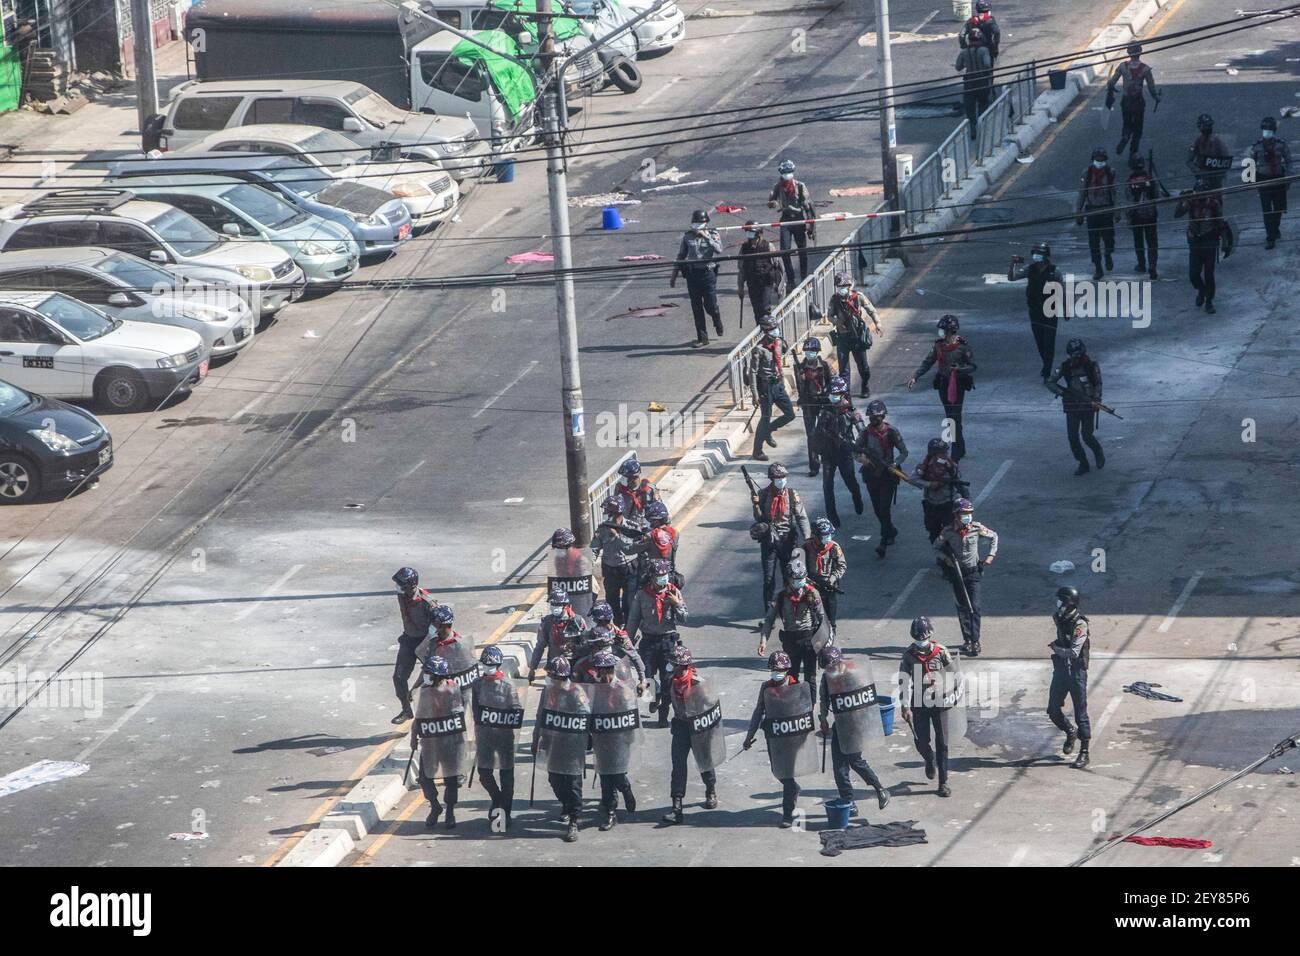 L'armée et la police anti-émeute du Myanmar avancent vers les manifestants avec des armes lors de la manifestation contre le coup d'État militaire.le conseiller militaire du Myanmar en détention, Aung San Suu Kyi, le 01 février, 2021 et a déclaré l'état d'urgence tout en prenant le pouvoir dans le pays pendant un an après avoir perdu l'élection contre la Ligue nationale pour la démocratie (NLD). Banque D'Images